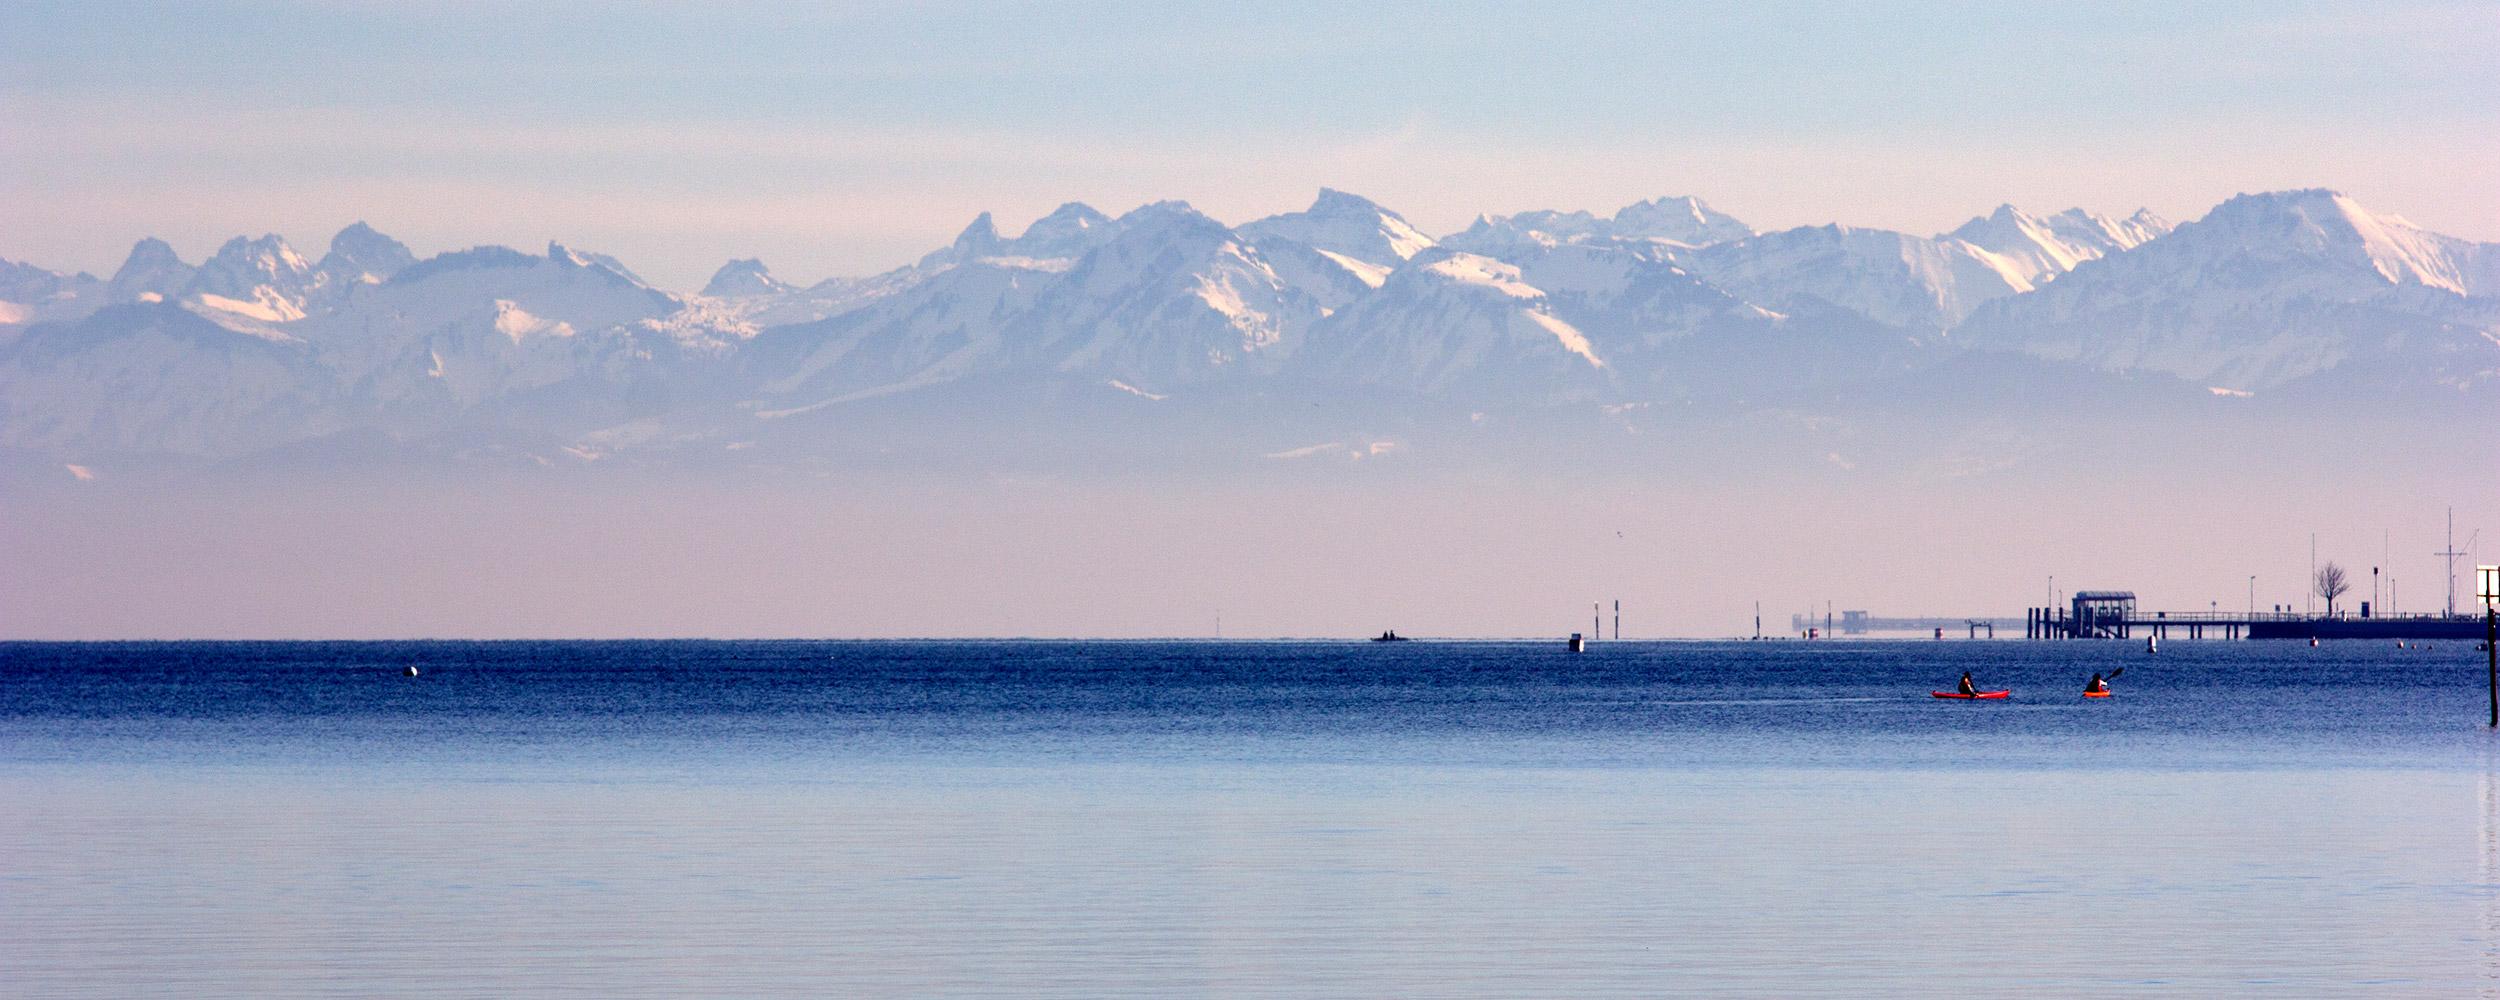 SEE_Alpen-Hintergrund